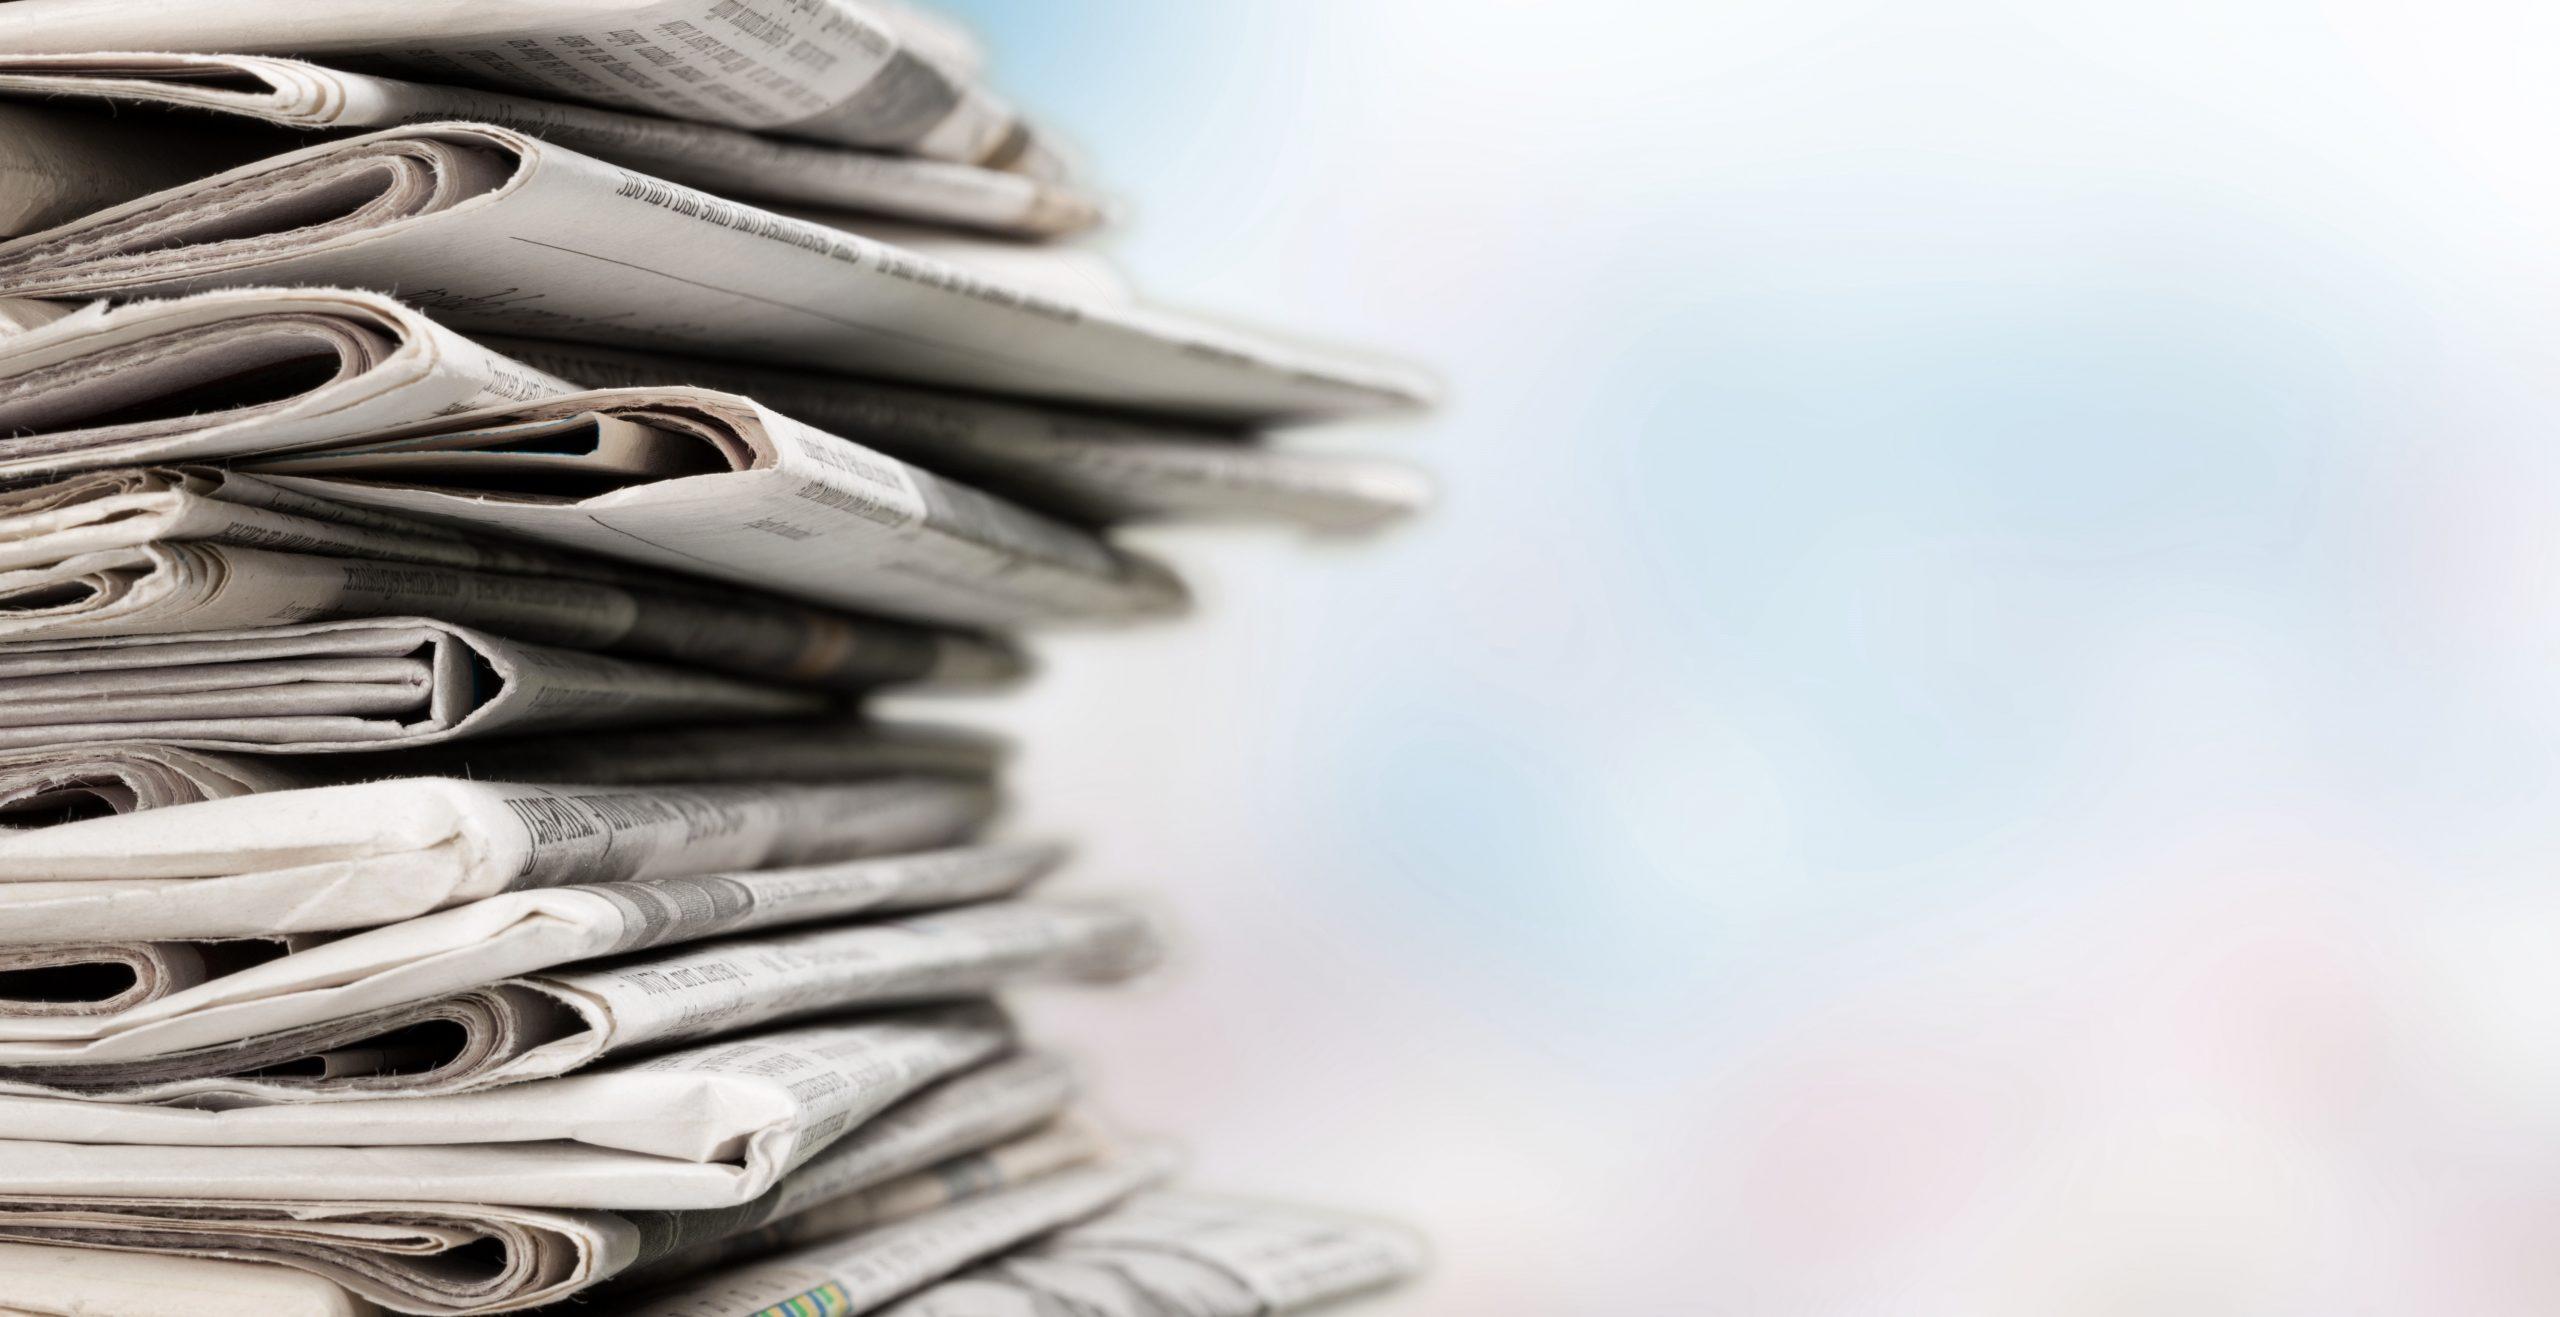 Zeitungsstapel vor verschwommenem Hintergrund